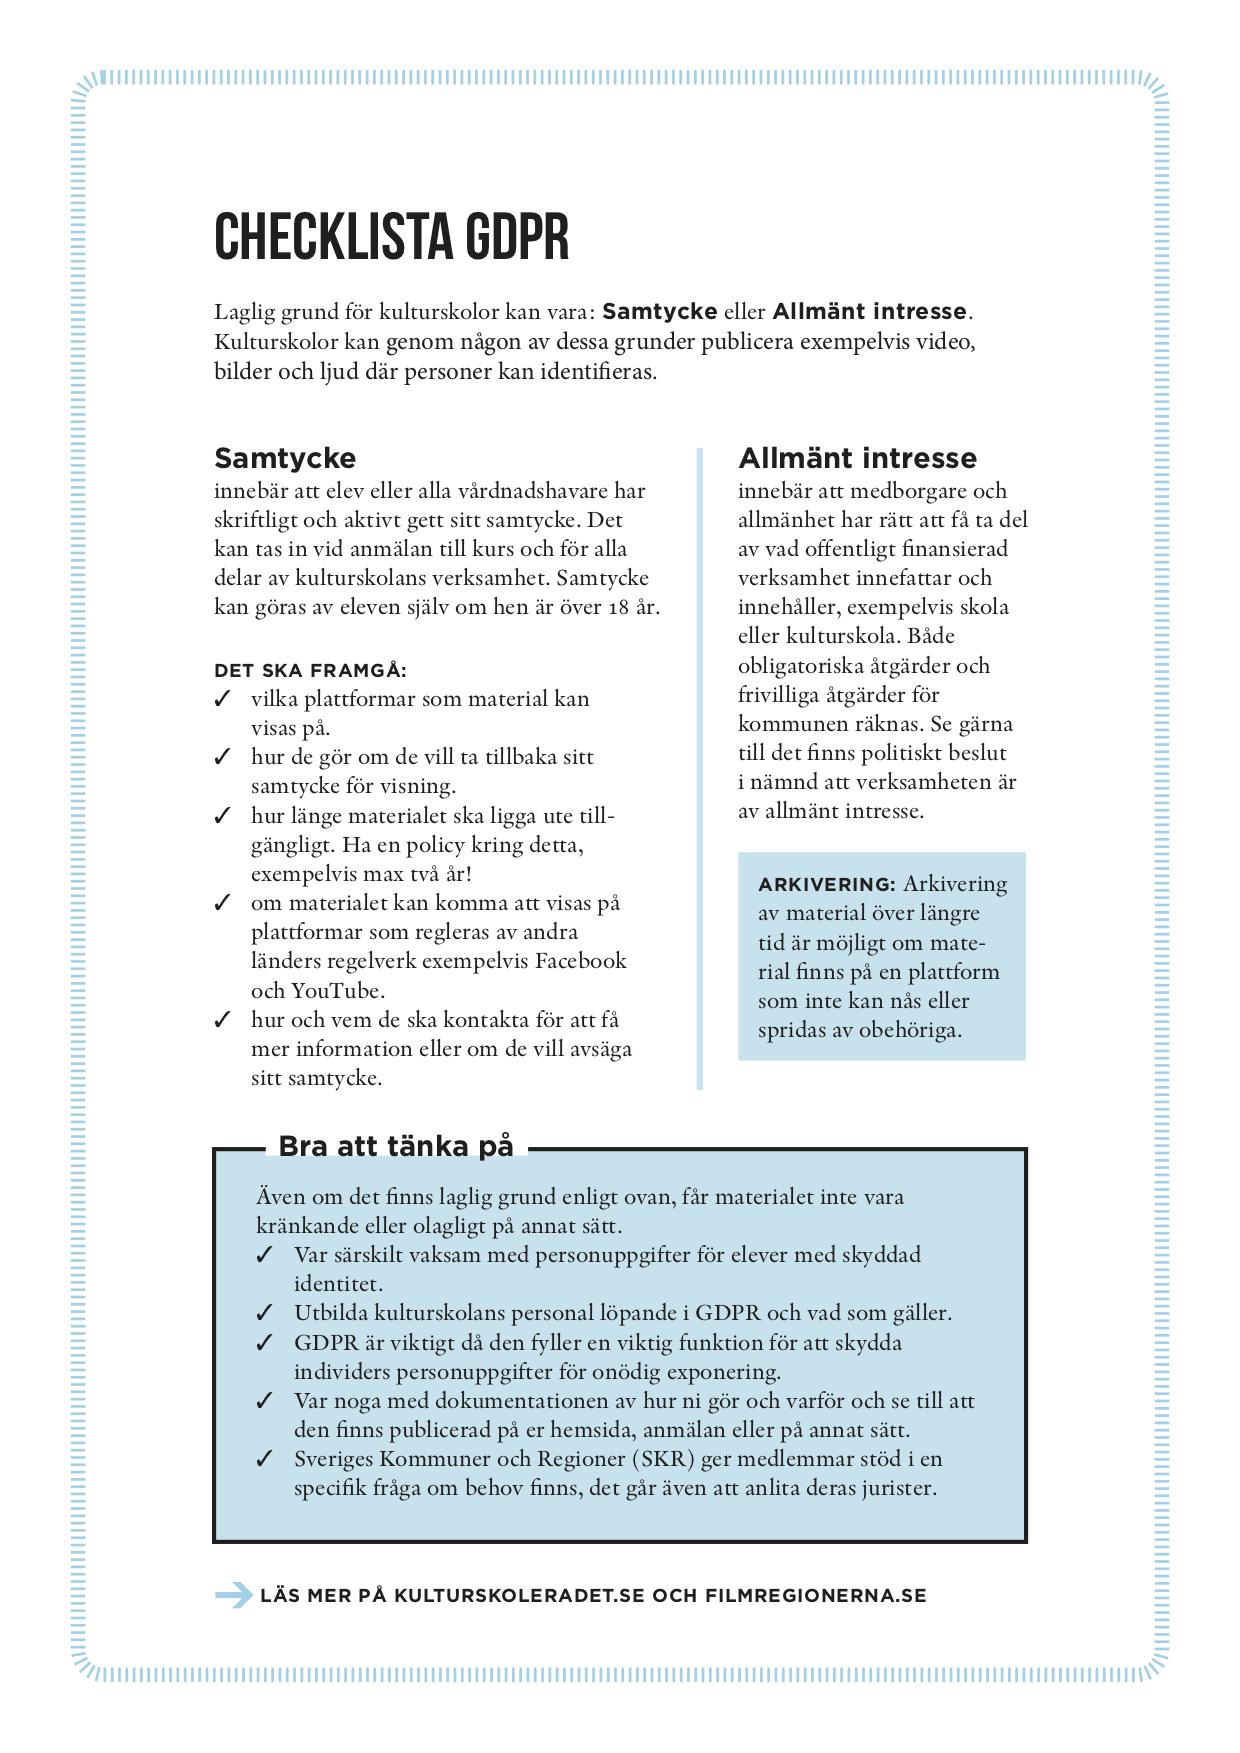 LADDA NER: Checklista GDPR Kulturskolerådet